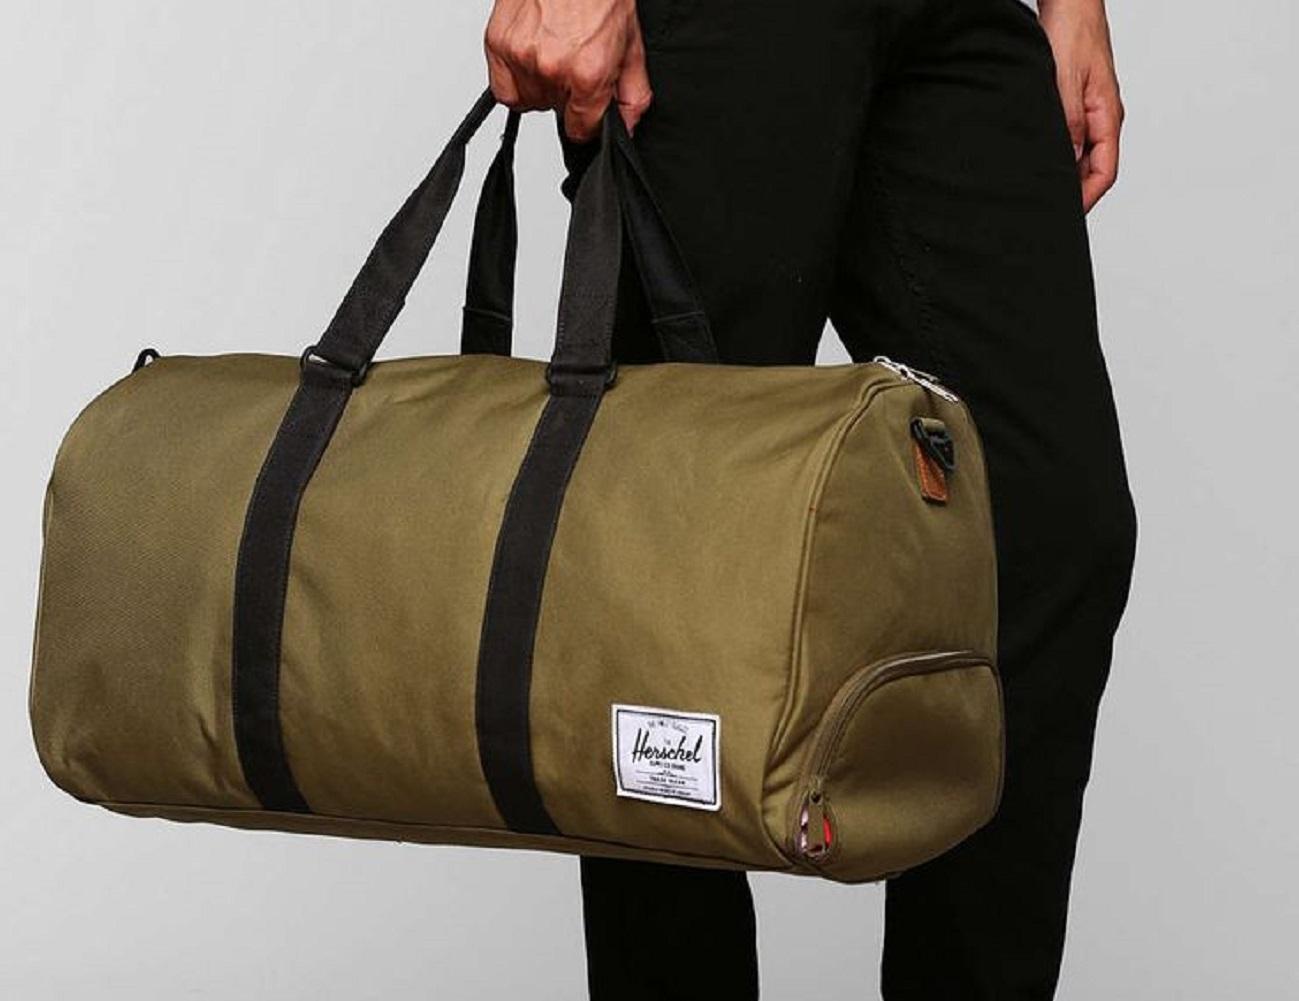 e176ede672 Novel Duffle Bag by Herschel Supply Co. » Gadget Flow